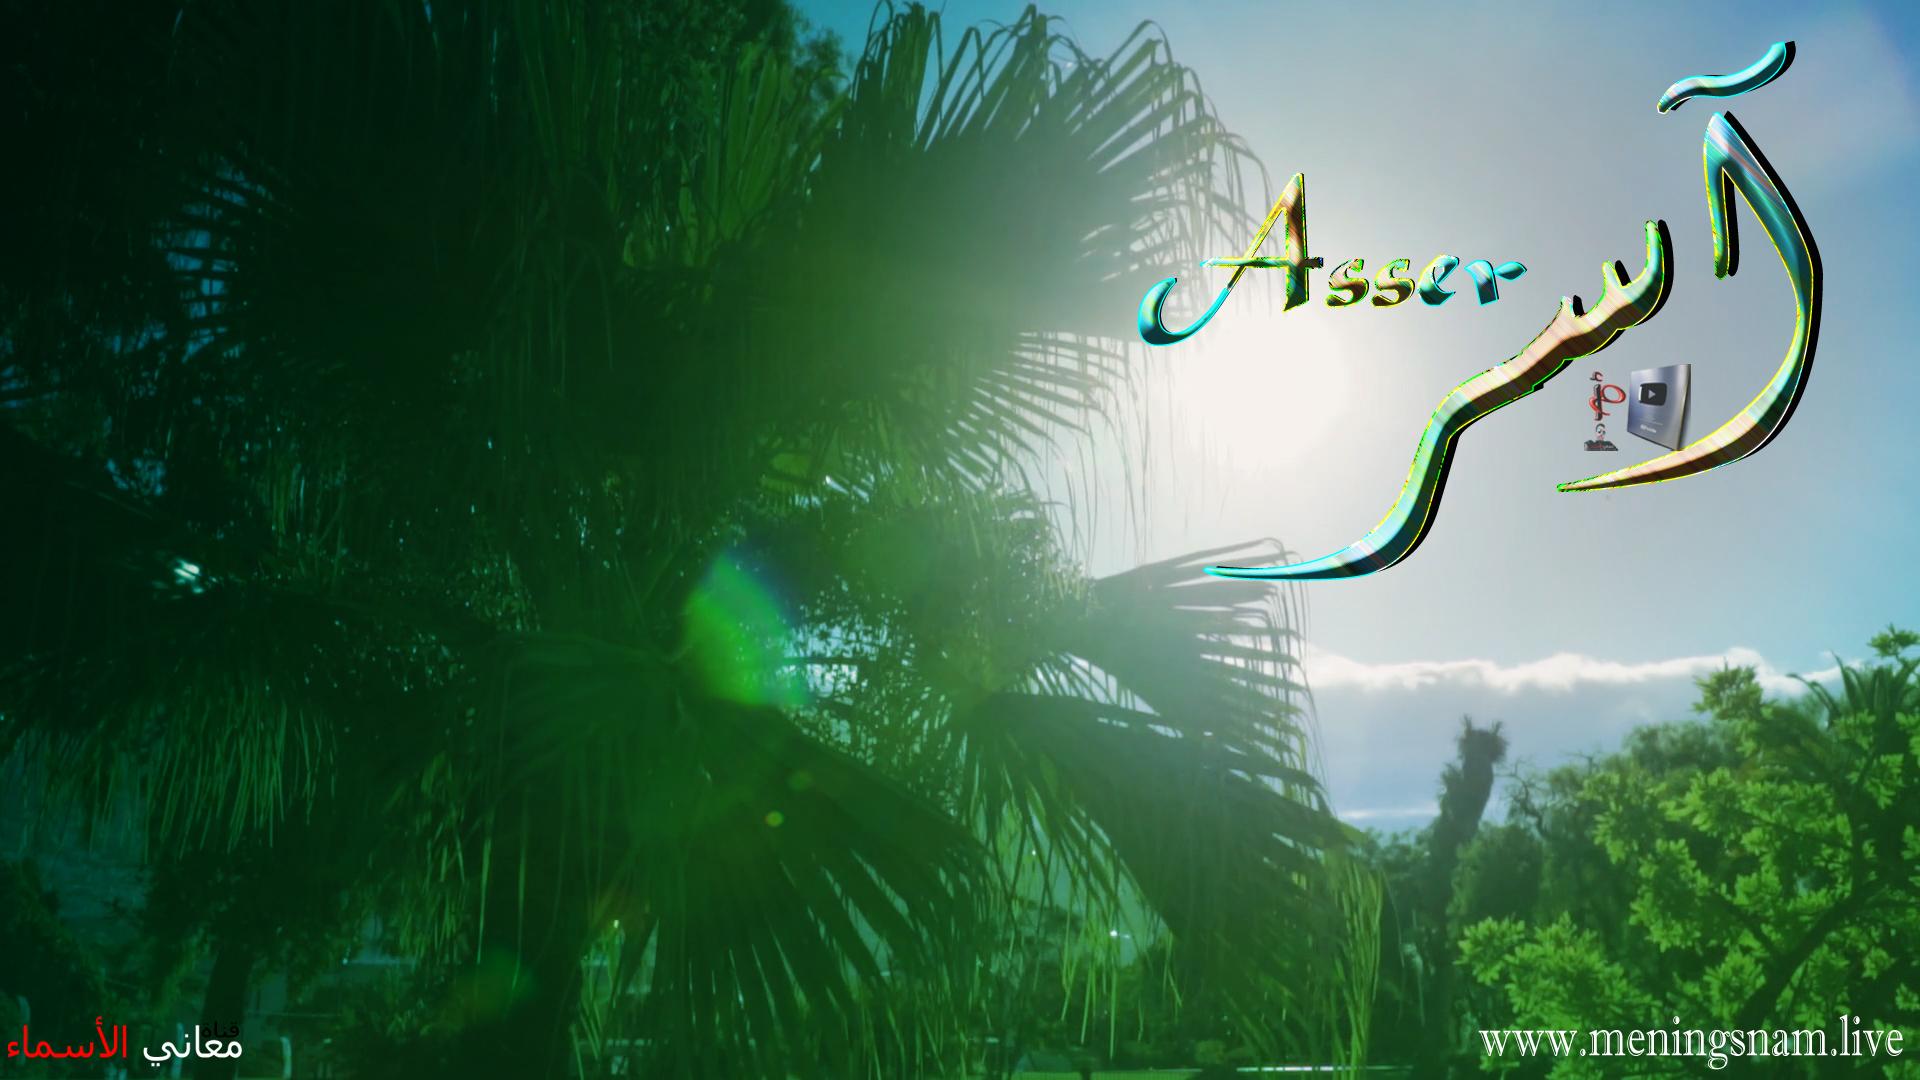 معنى اسم آسر وصفات حامل هذا الإسم Asser